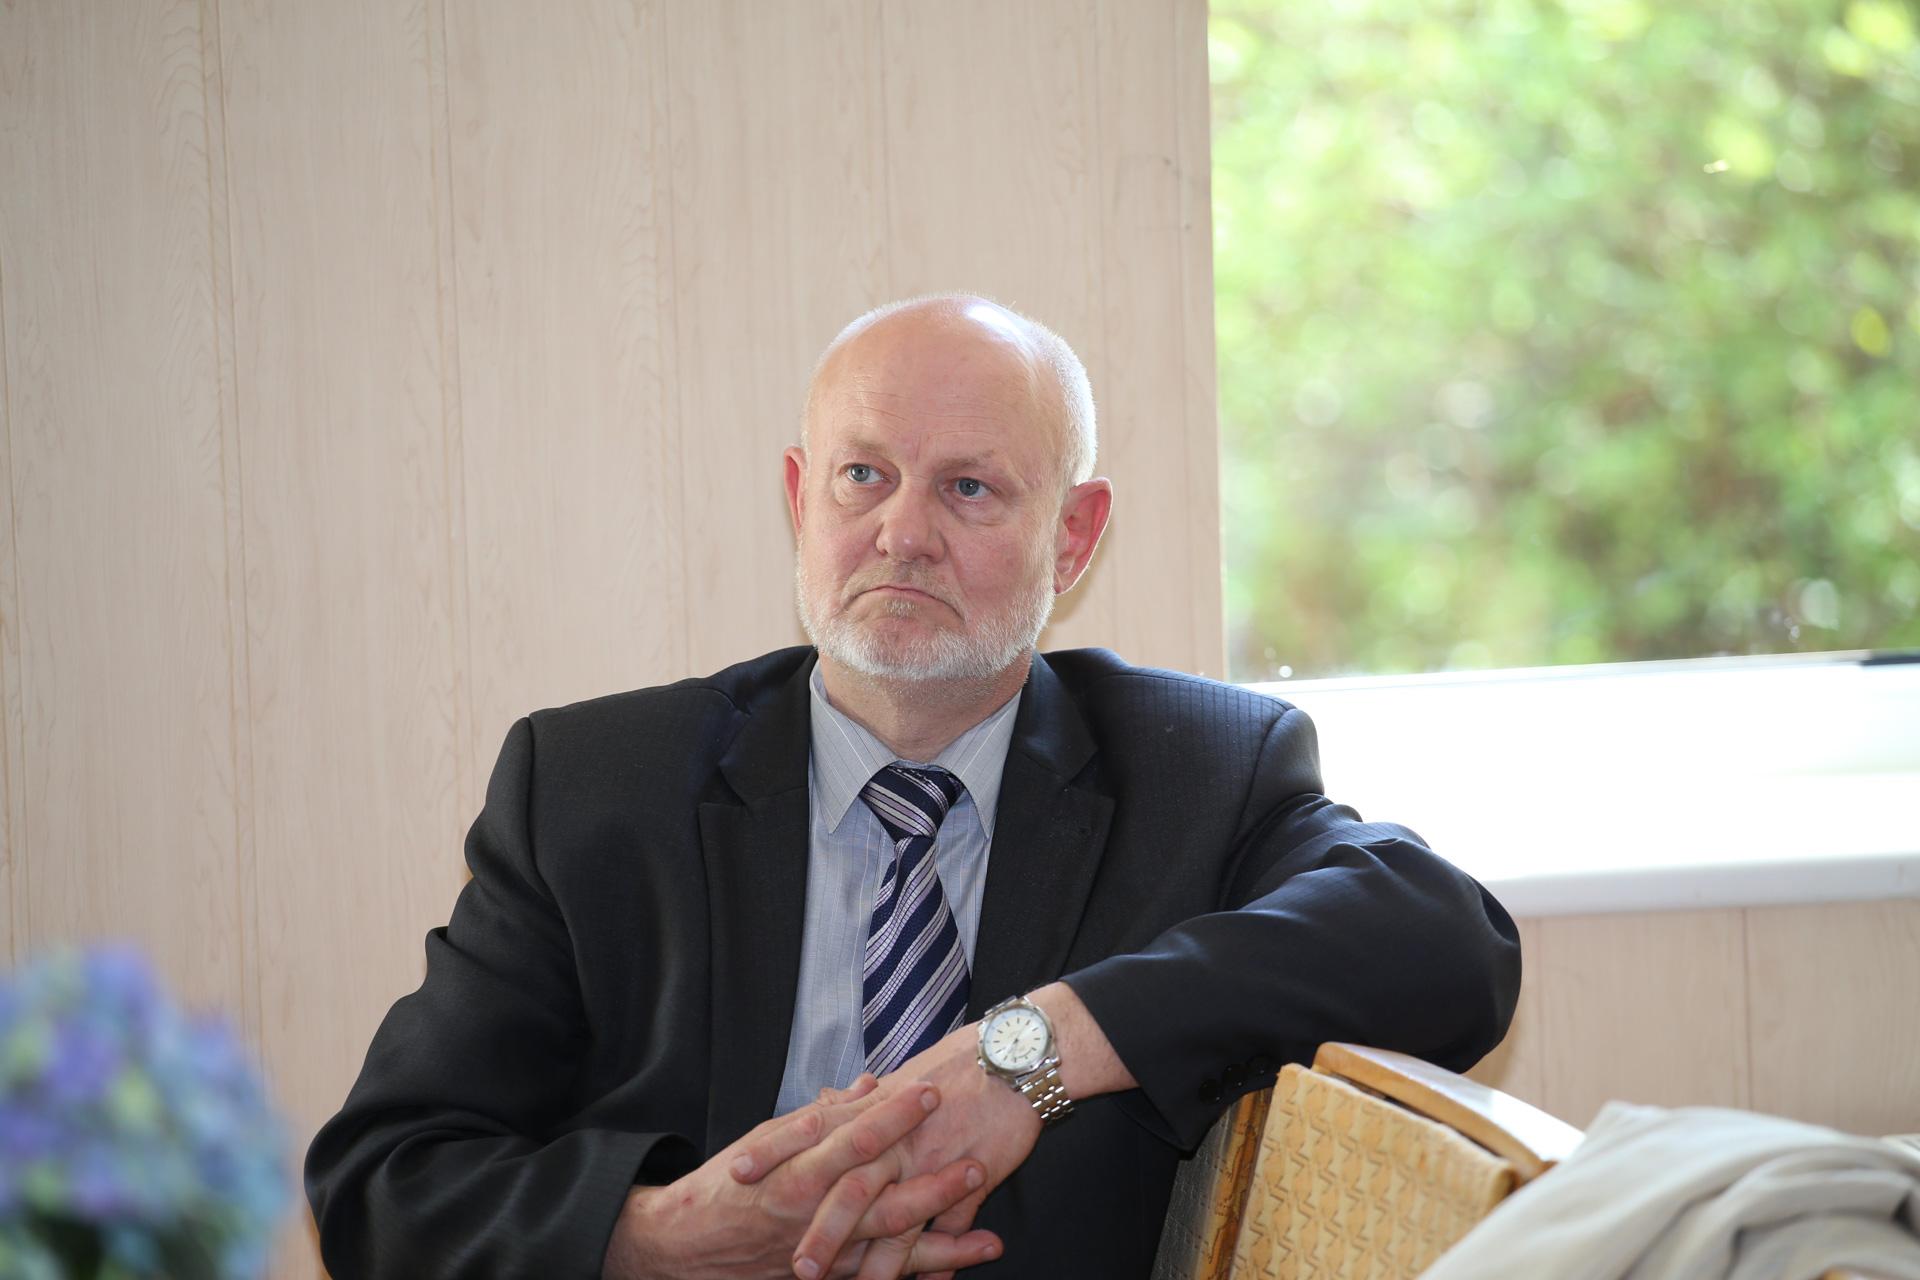 Kėdainių ligoninės direktorius Stasys Skauminas neabejoja, kad Seimo priimtas sprendimas pagerins situaciją ligoninėse, jei tikrai joms bus skirtas realiai reikiamas finansavimas./ Algimanto Barzdžiaus nuotr.